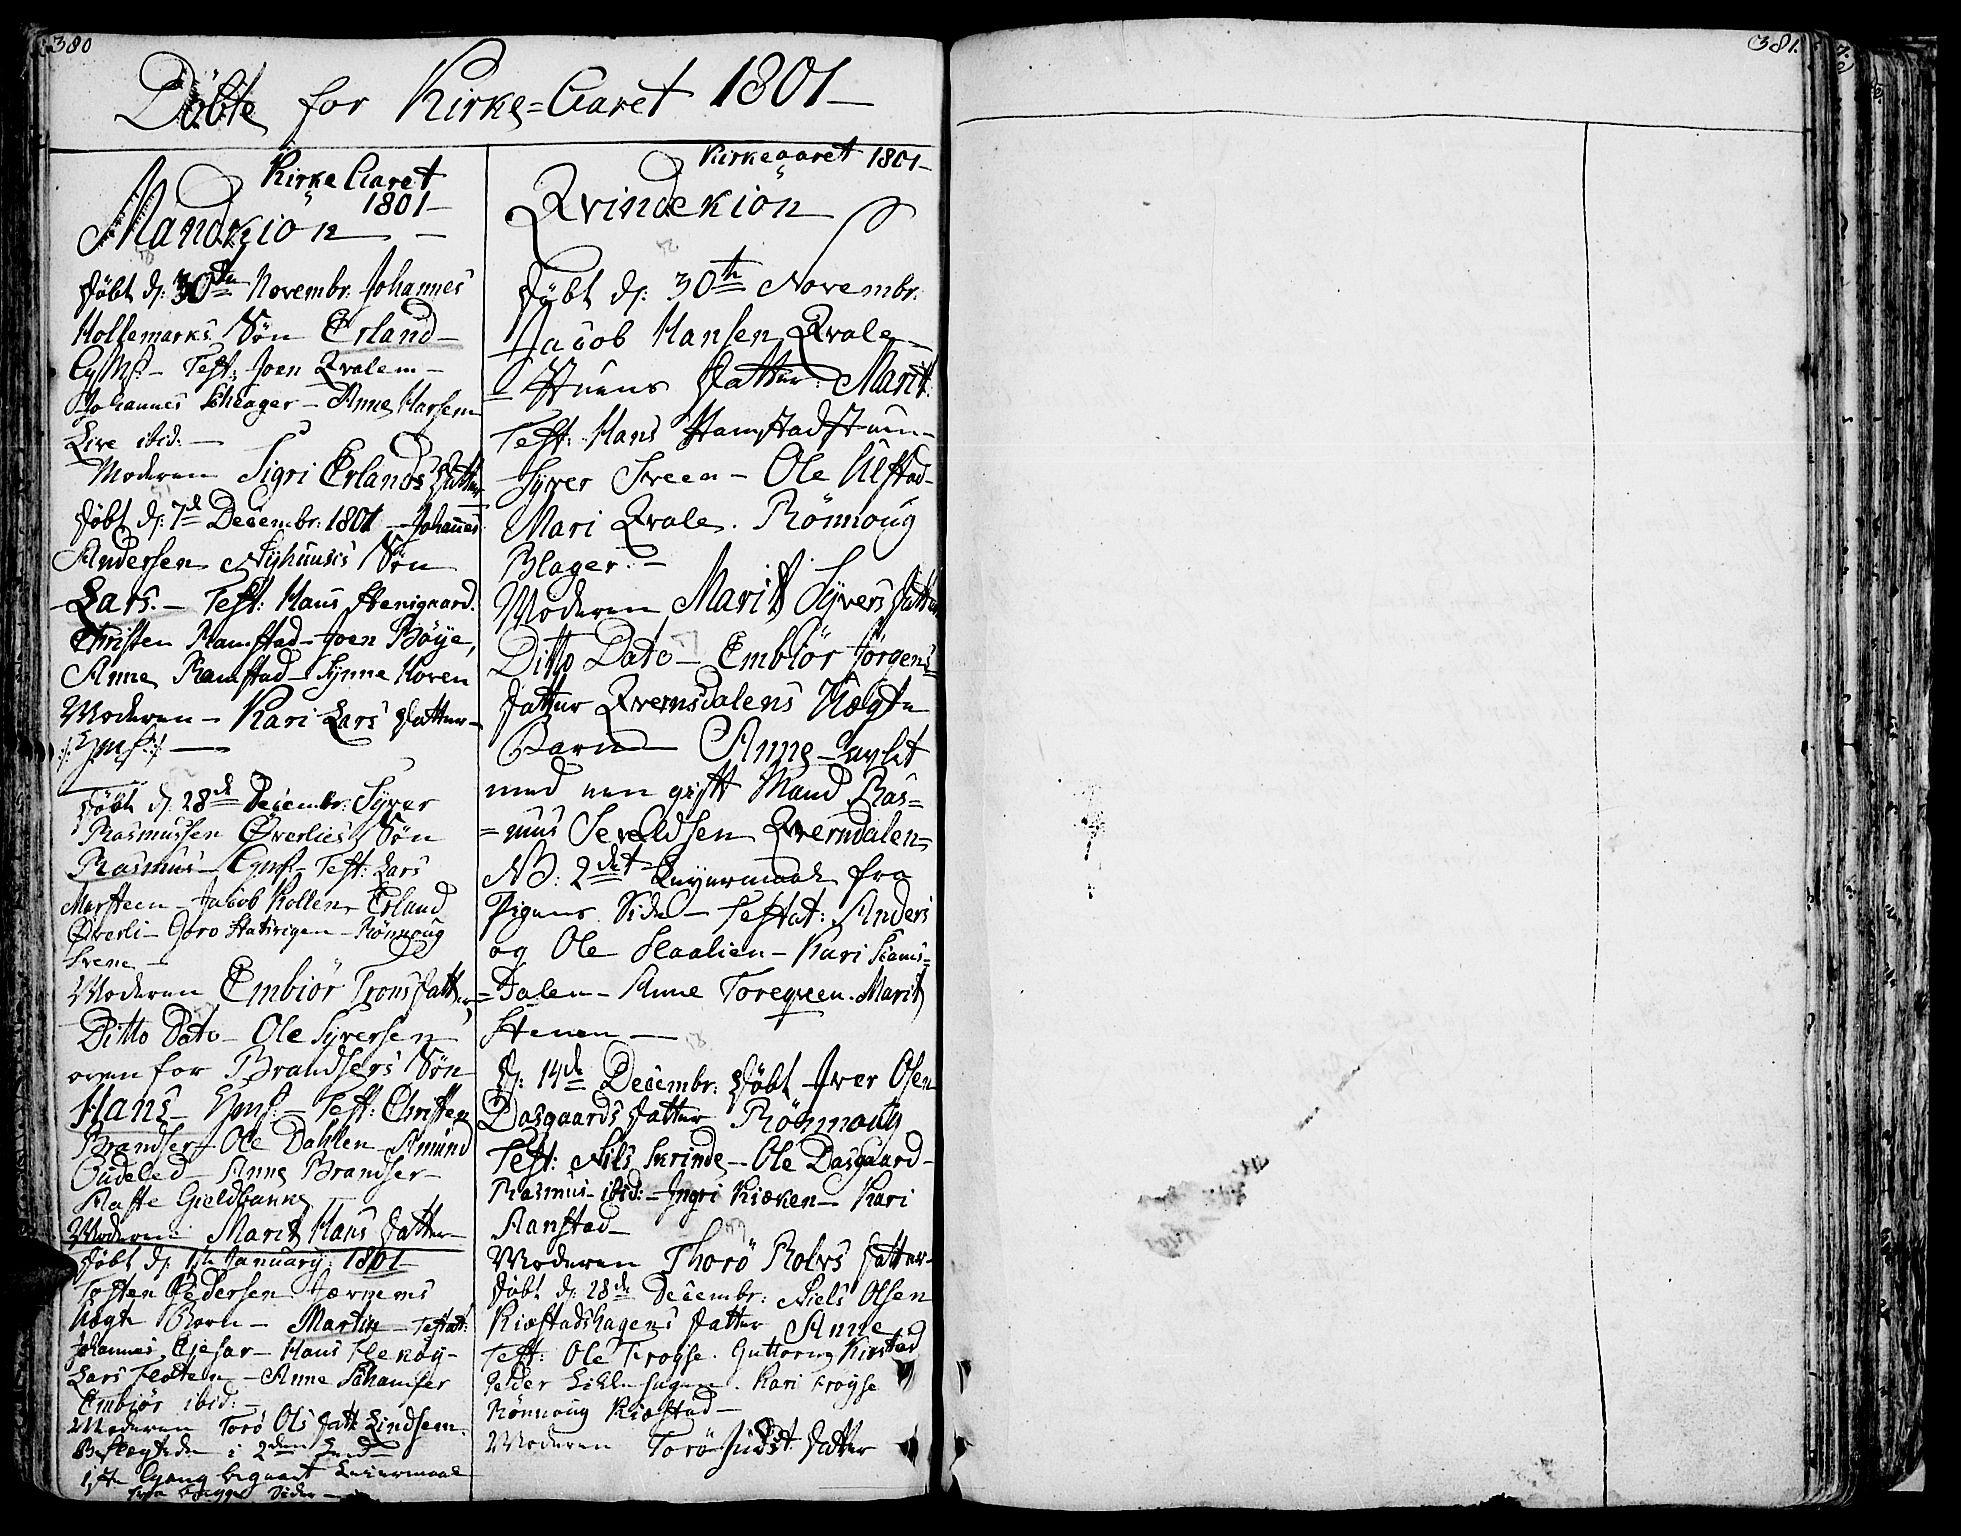 SAH, Lom prestekontor, K/L0002: Ministerialbok nr. 2, 1749-1801, s. 380-381